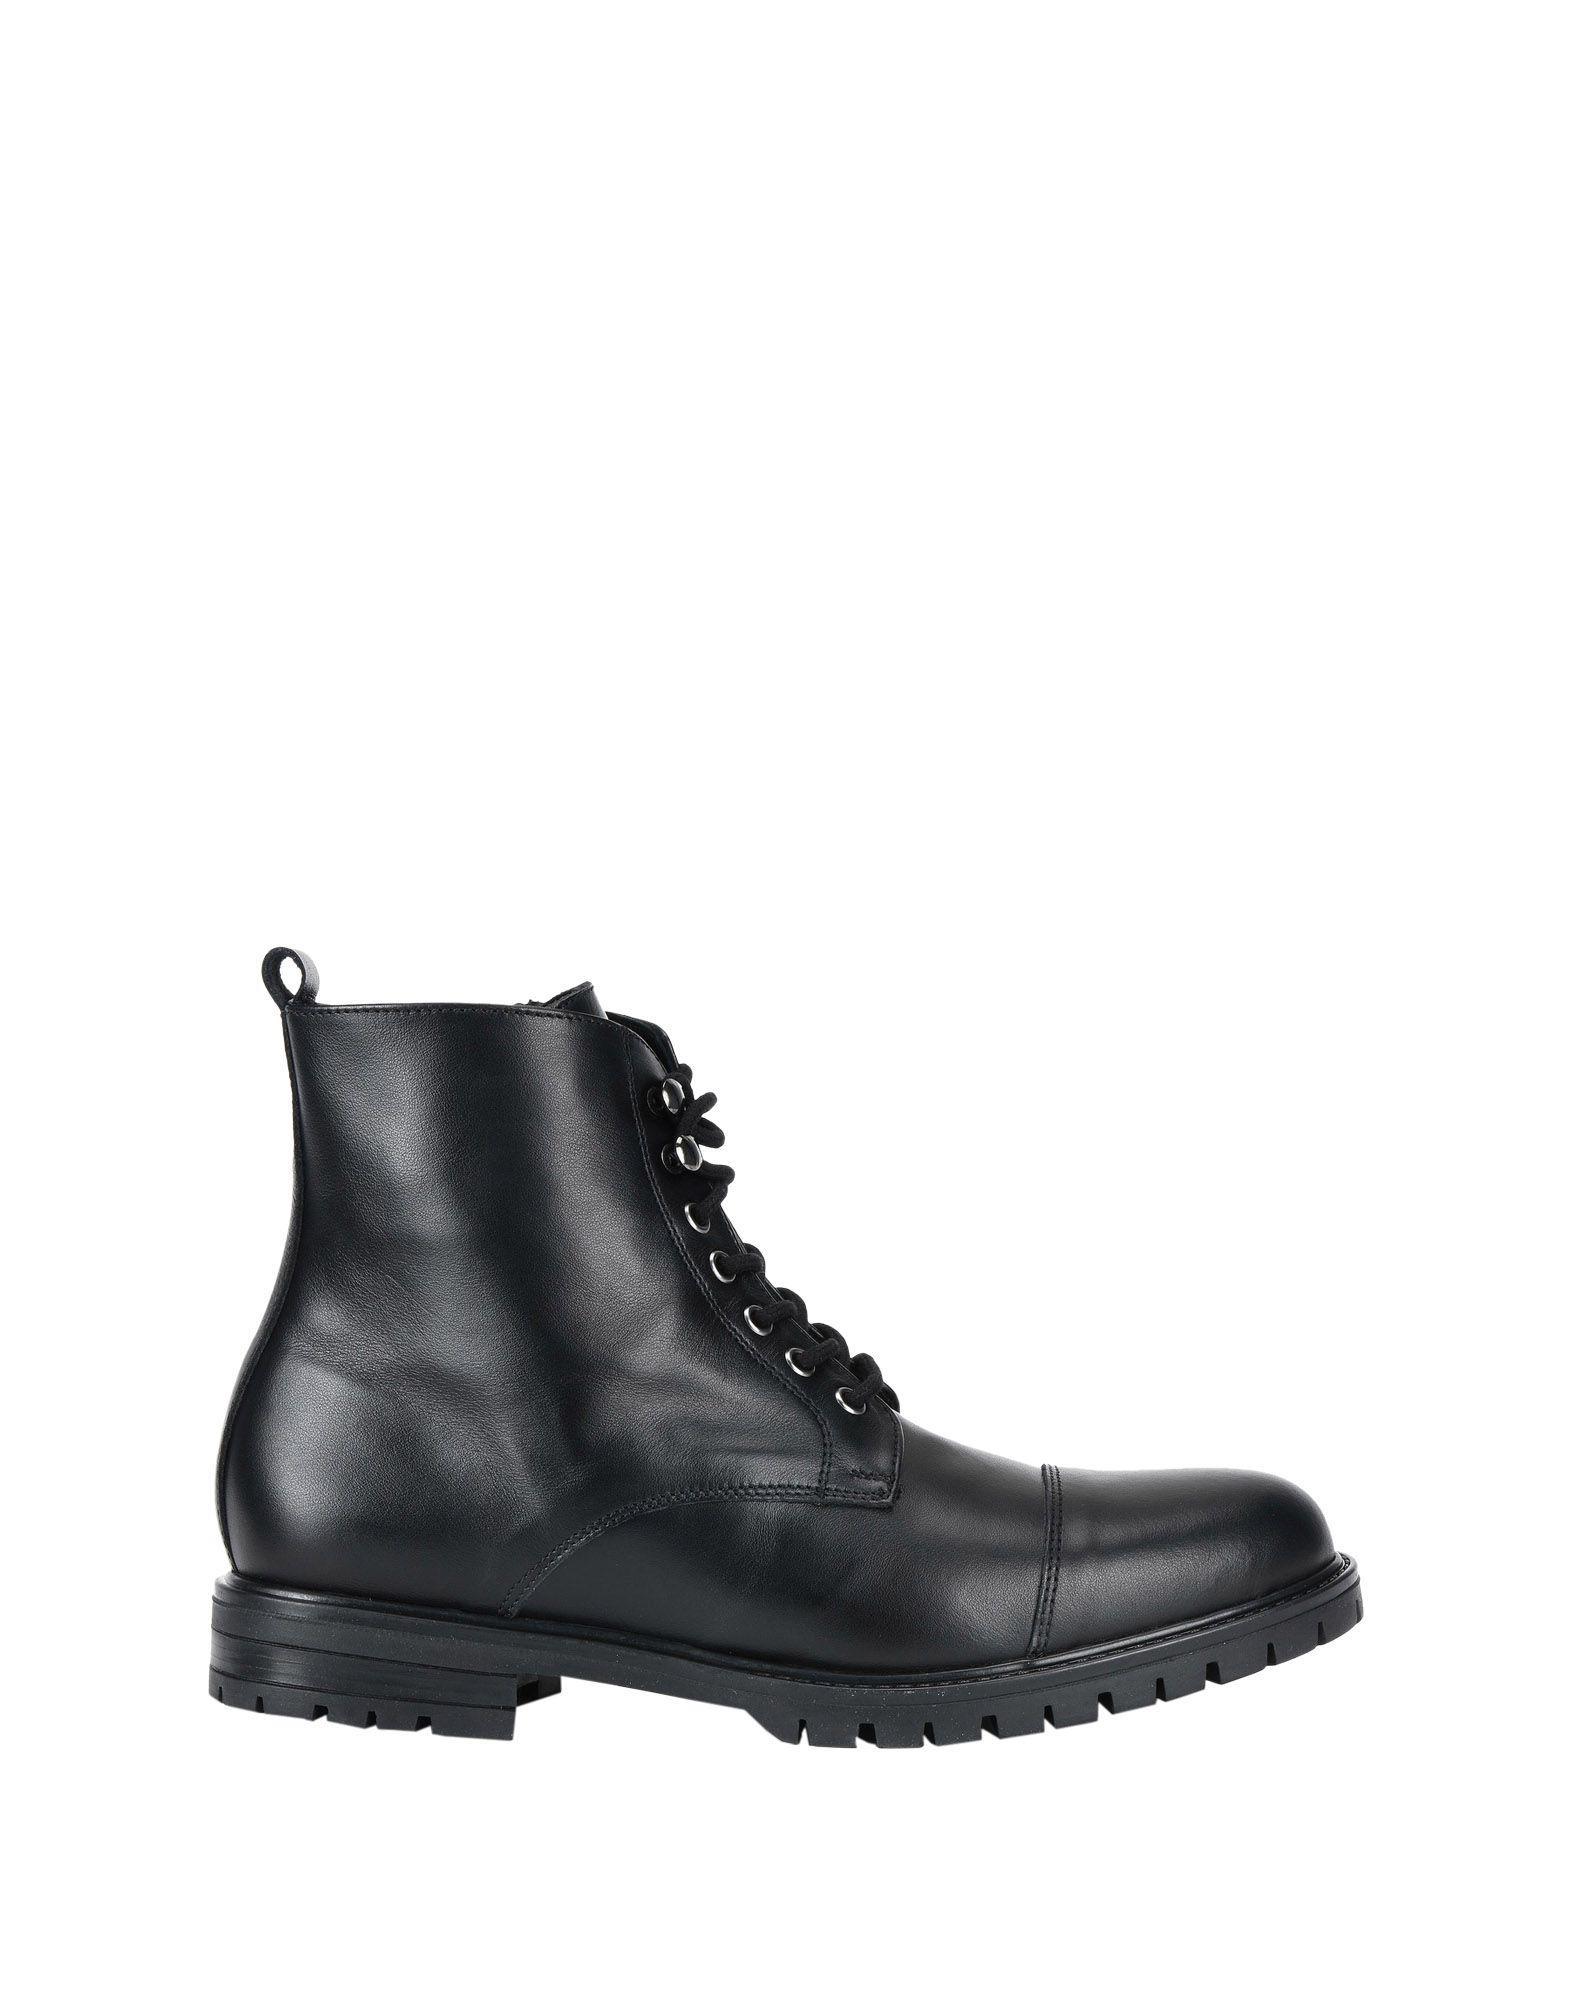 《送料無料》YLATI HERITAGE メンズ ショートブーツ ブラック 41 牛革(カーフ)